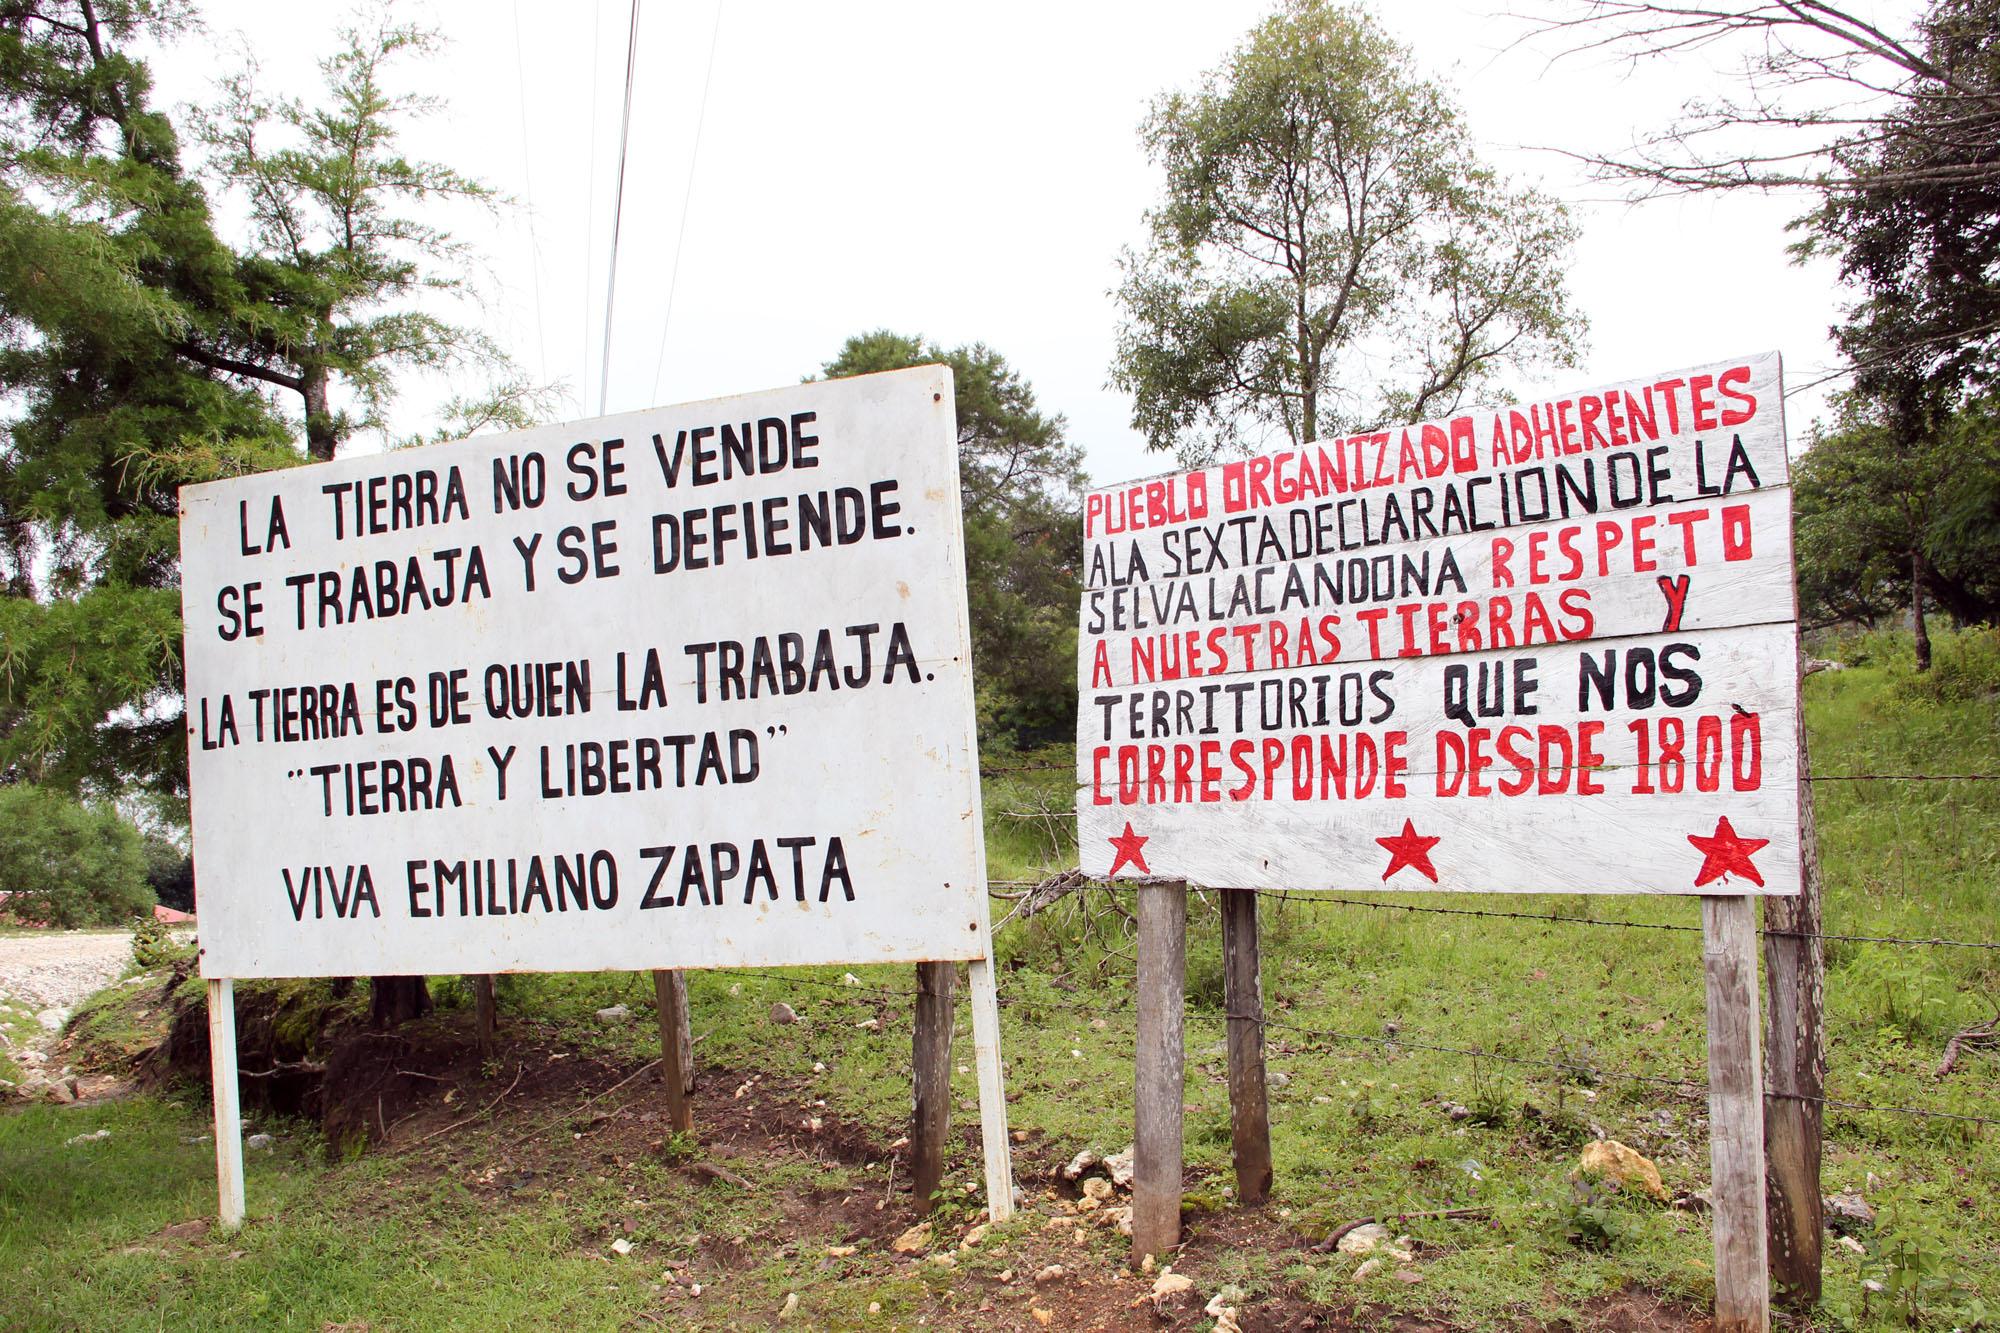 Video: San Francisco , Tierra Recuperada La Otra Campaña Chiapas